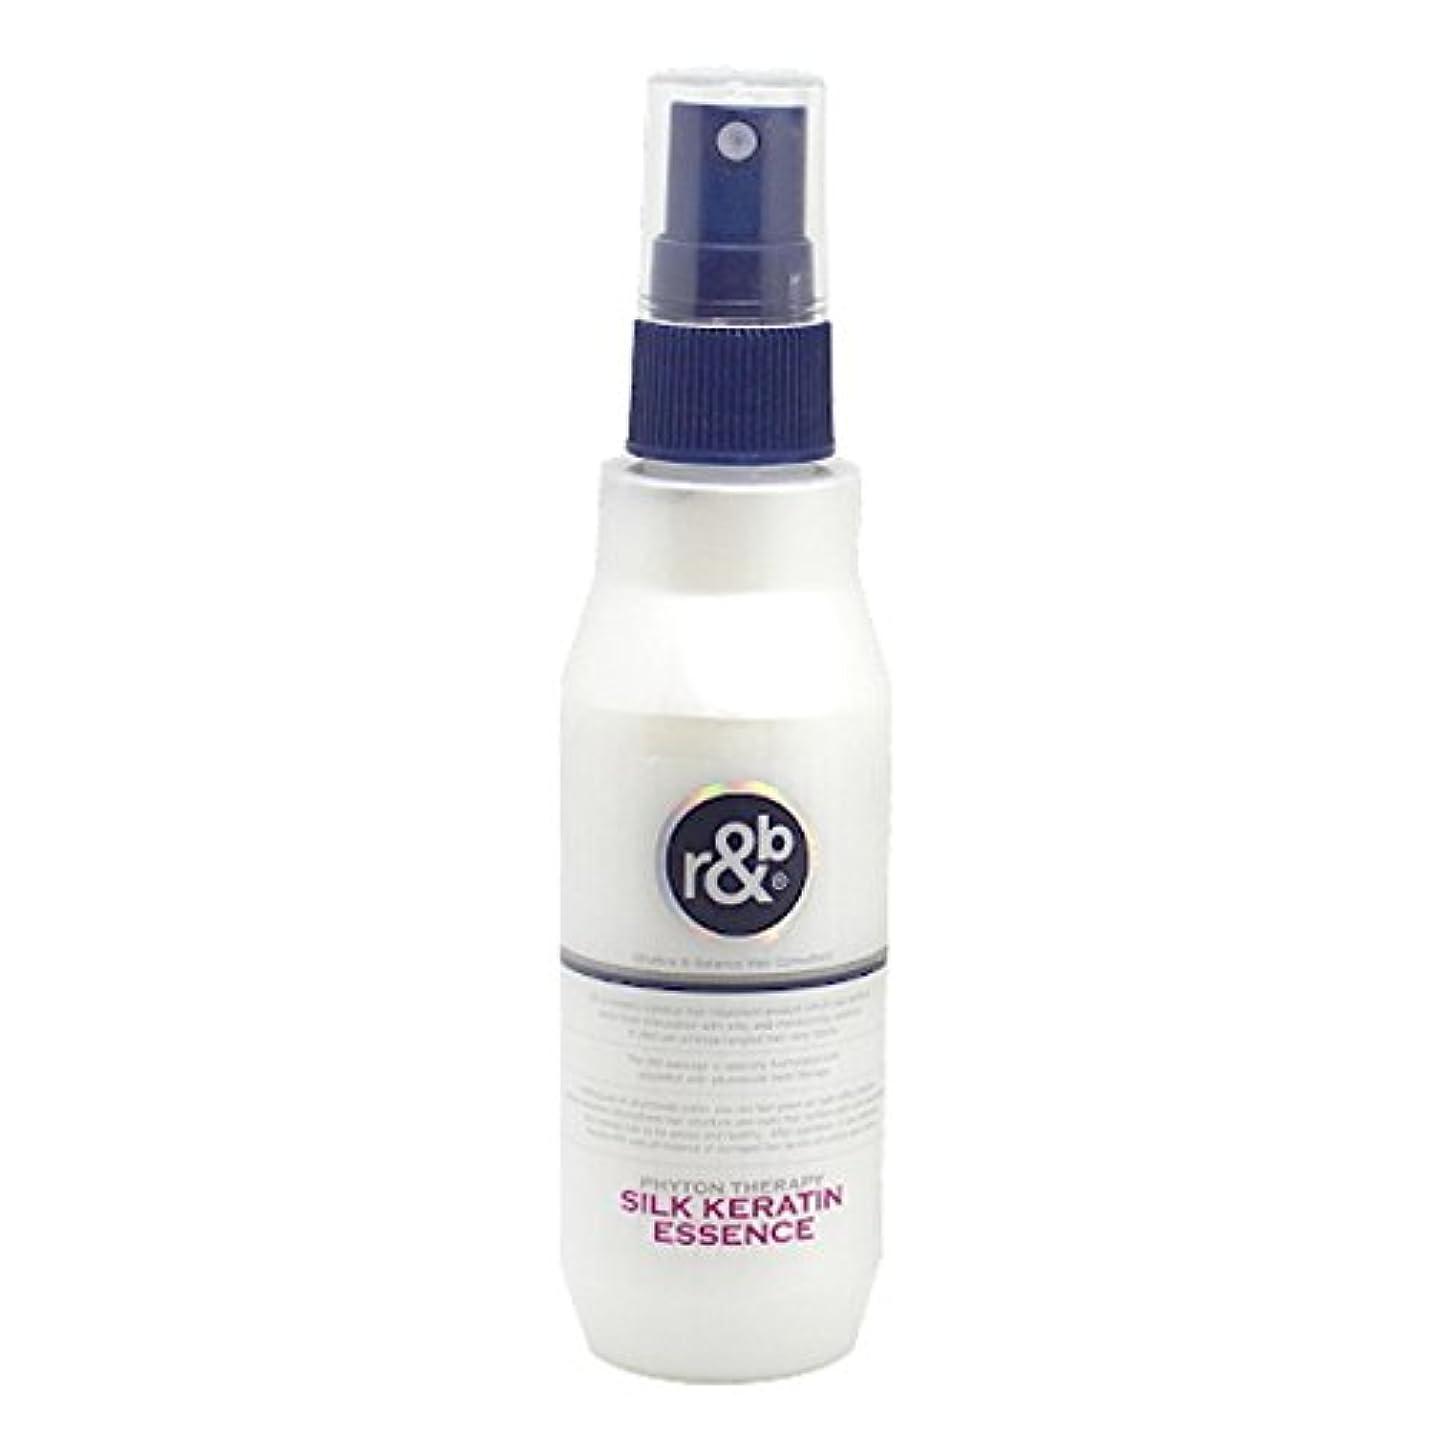 装備する必要ない征服者[Woosin/ウシン] R&B Phyton Therapy Silk Keratin Essence 110ml/ウシンR&Bピトンセラピーシルクケラチンエッセンス(海外直送品)